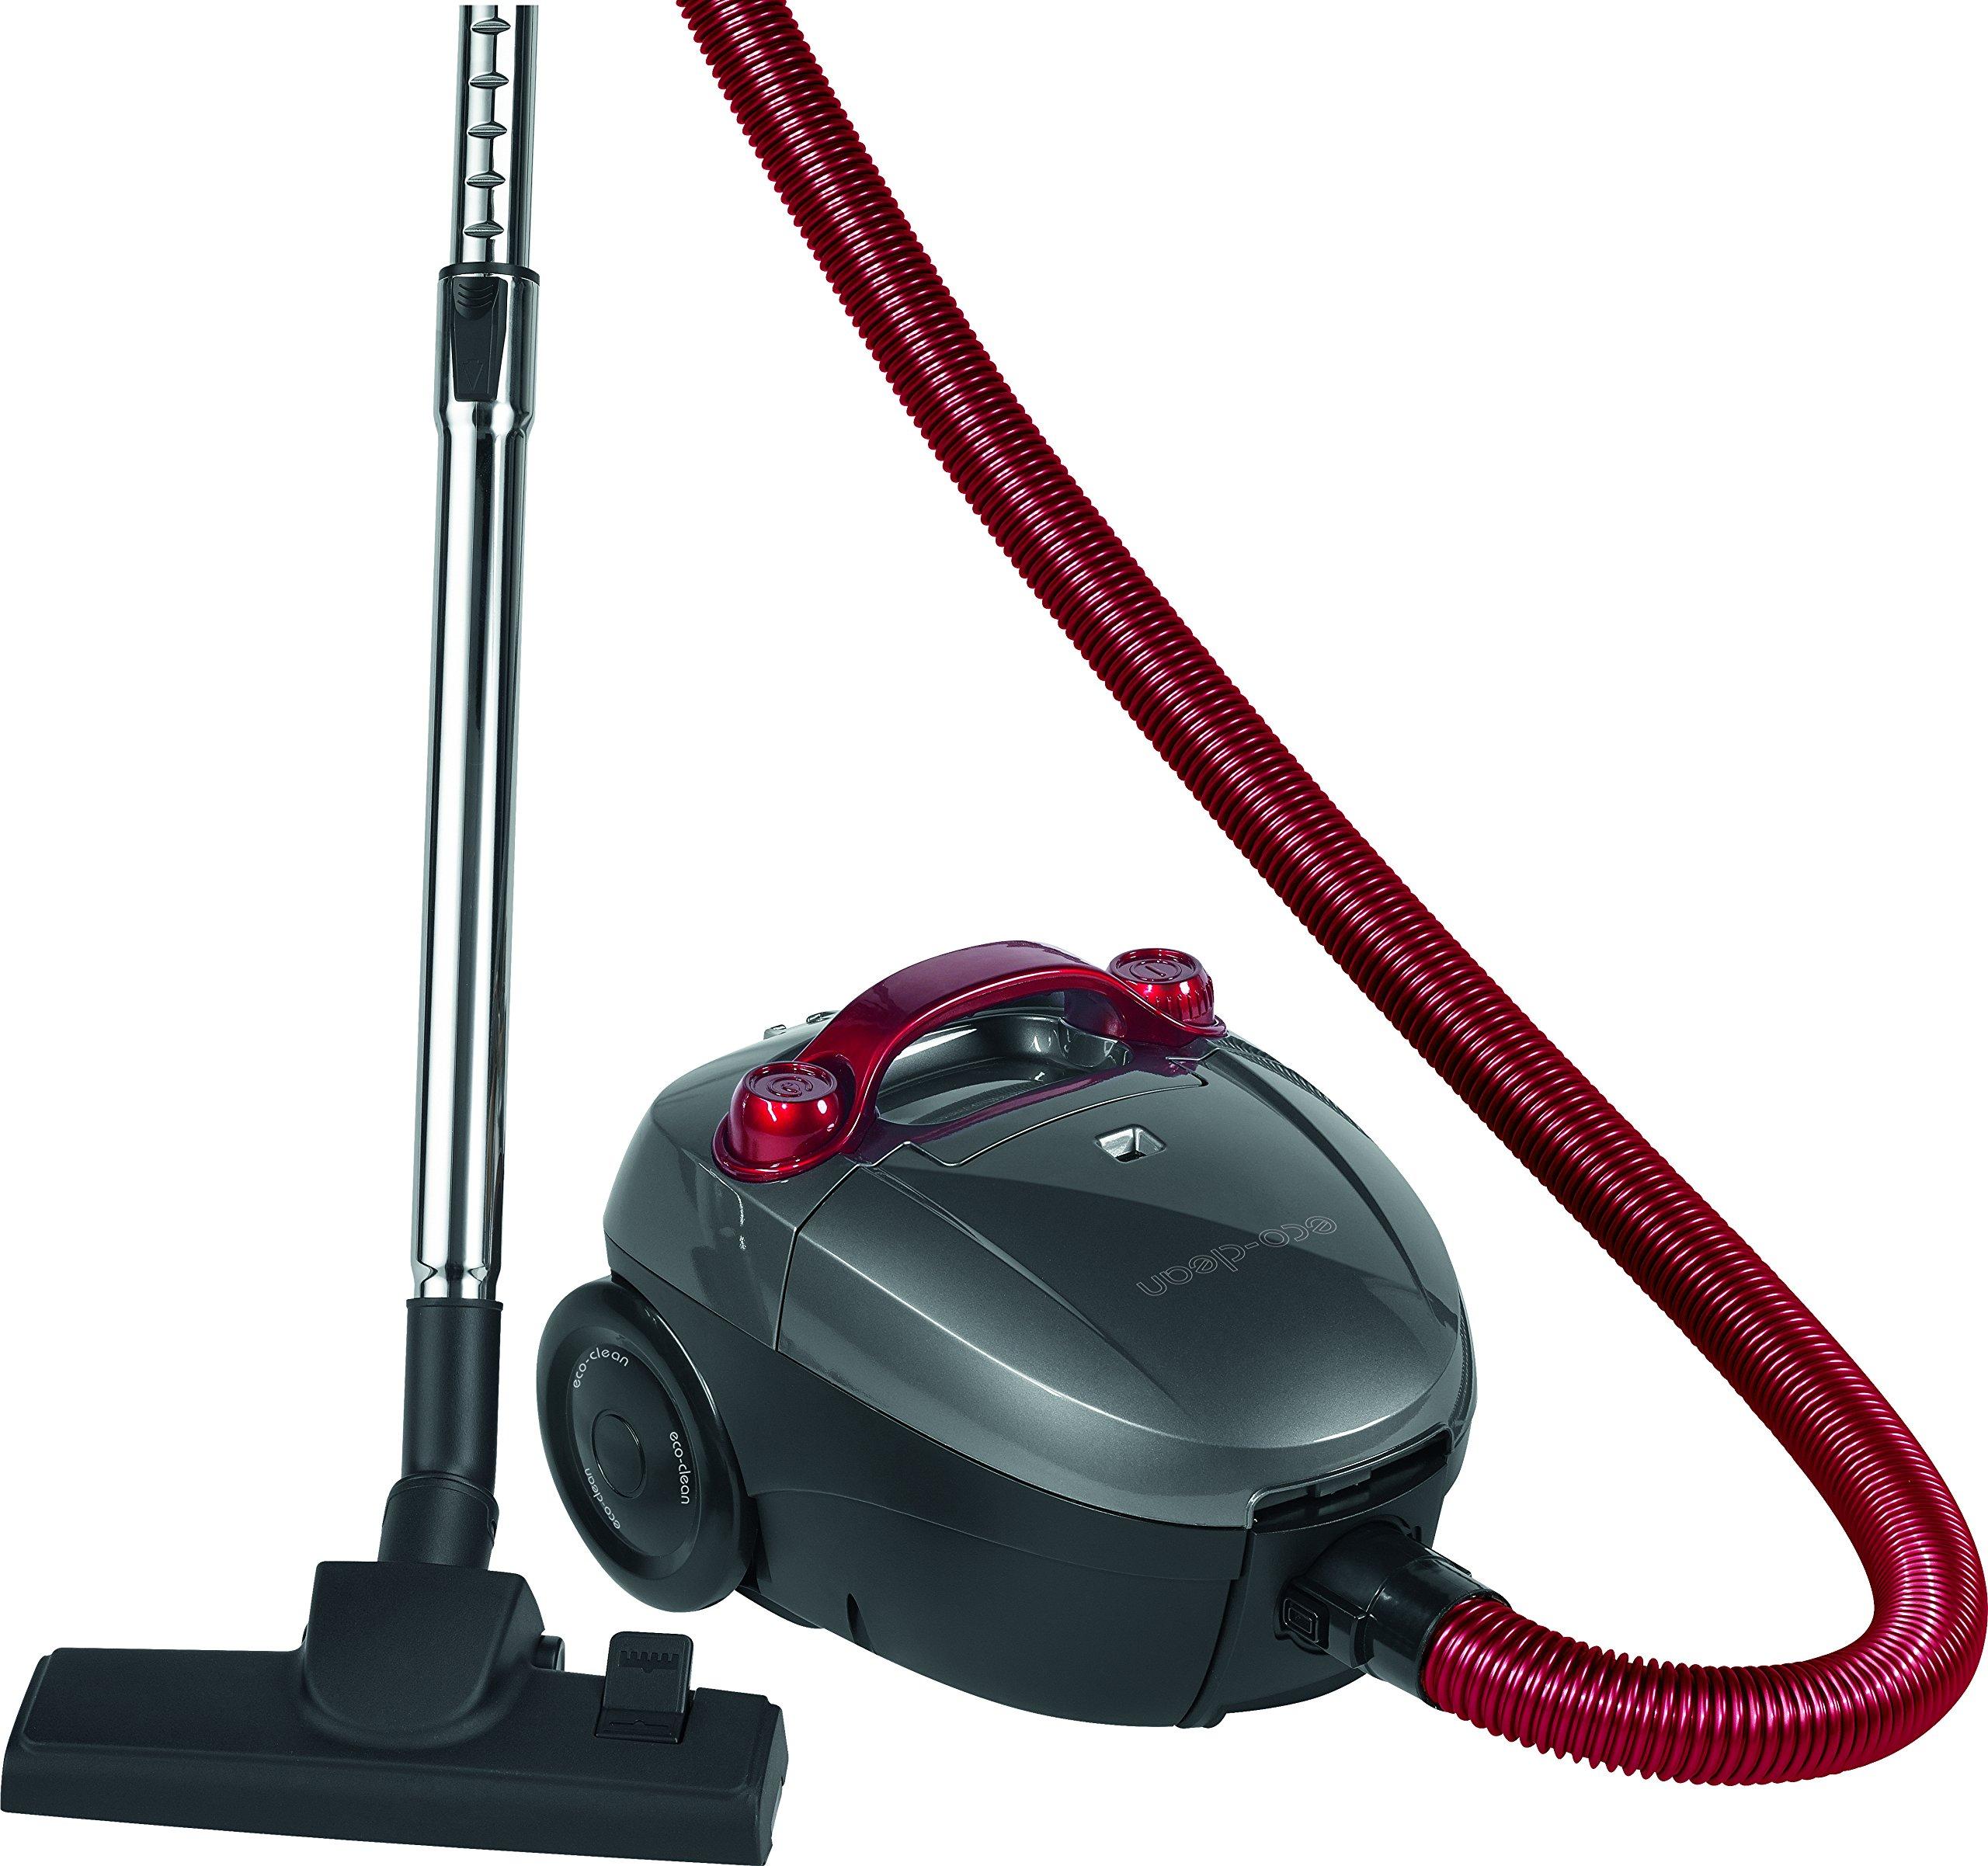 Clatronic BS 1292 - Aspiradora de trineo, 900 W, color negro y rojo: Amazon.es: Hogar